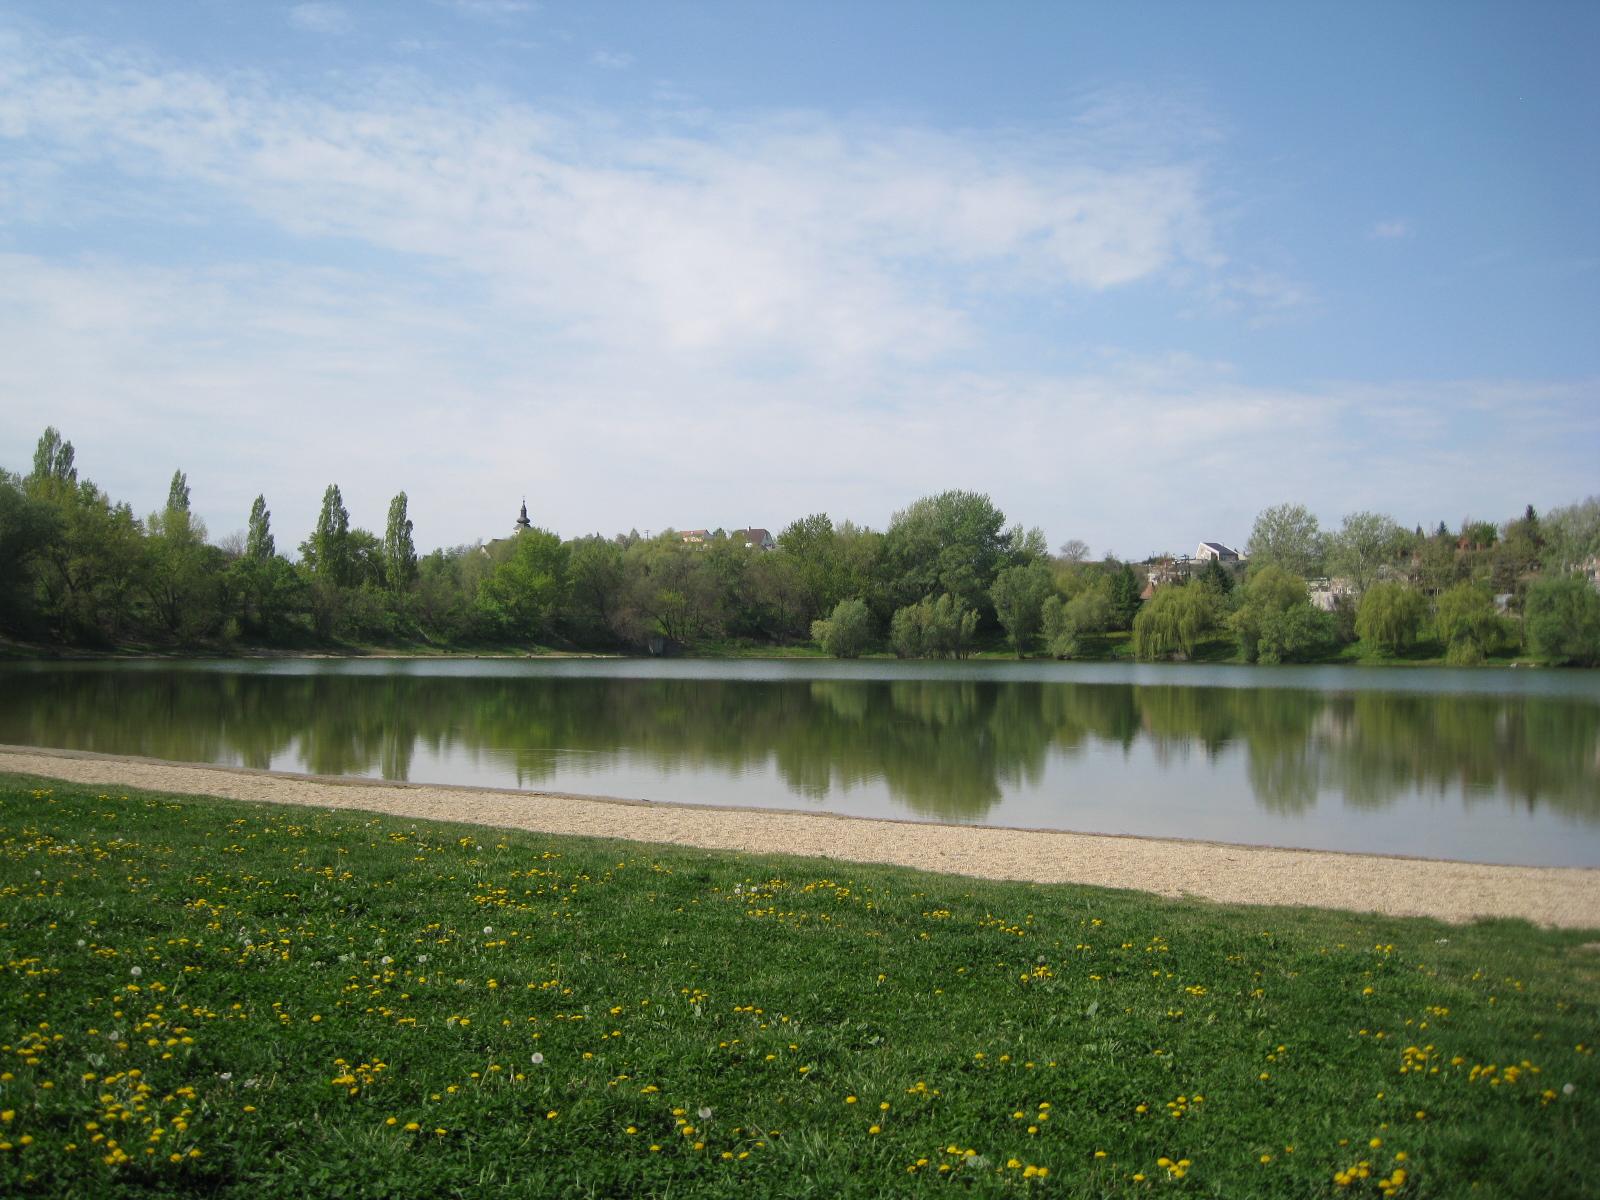 Új kemping vízitúrásoknak Dunaújvárosban